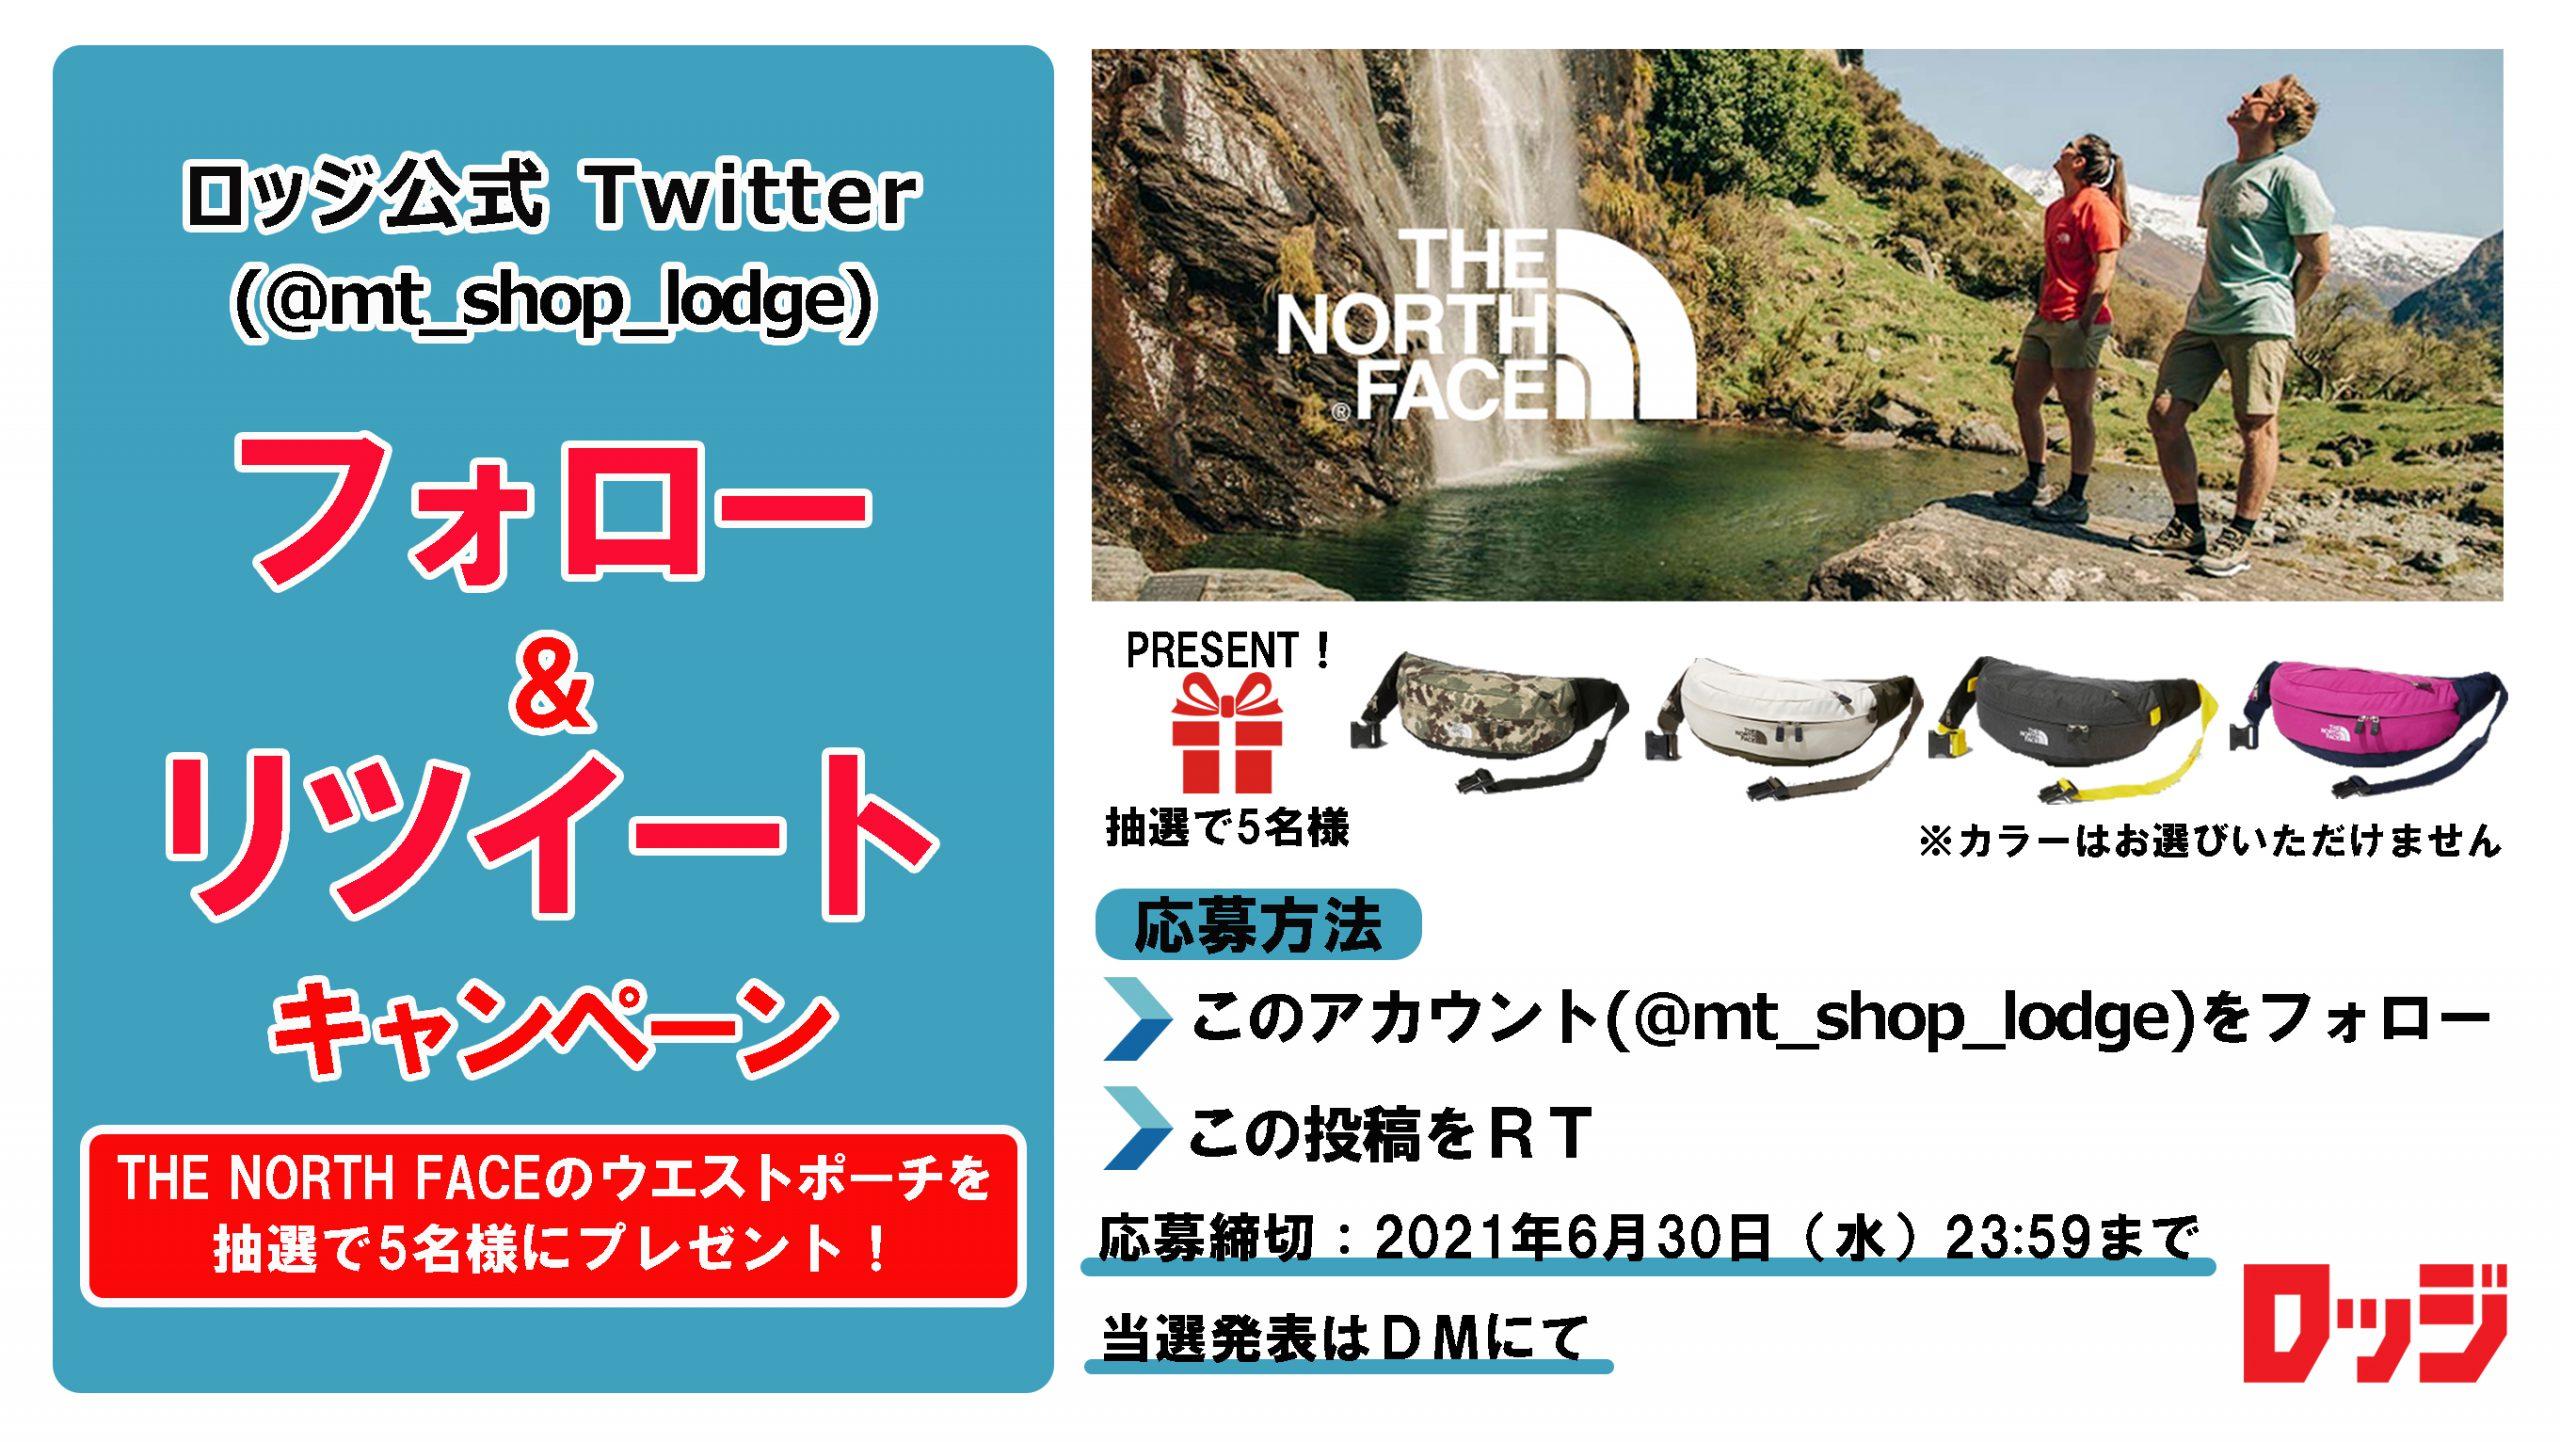 「登山・アウトドア用品専門店 ロッジ大阪店」公式Twitter フォロー&リツイートキャンペーン開催中︕